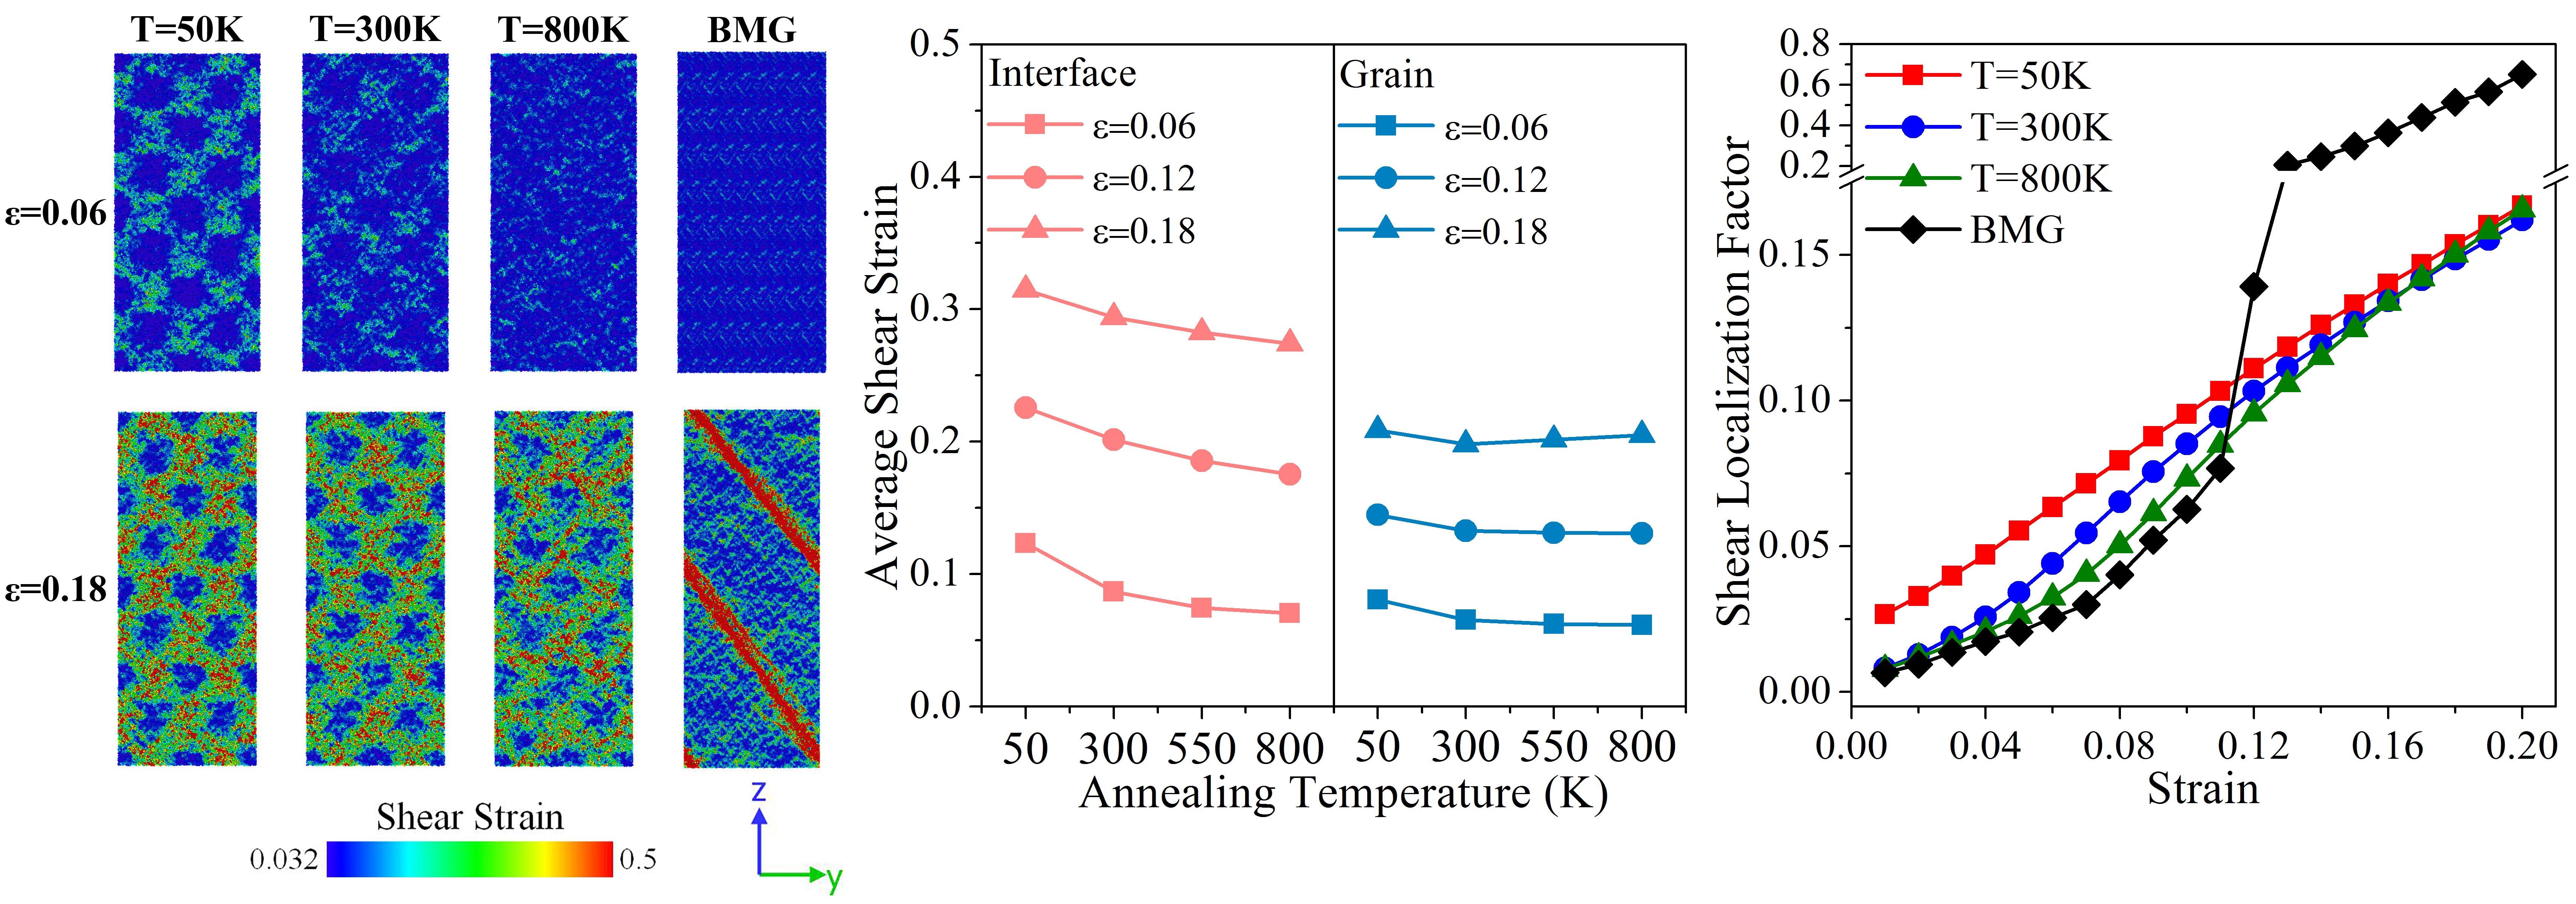 Interfacial Plasticity Governs Strain Delocalization in Metallic Nanoglasses